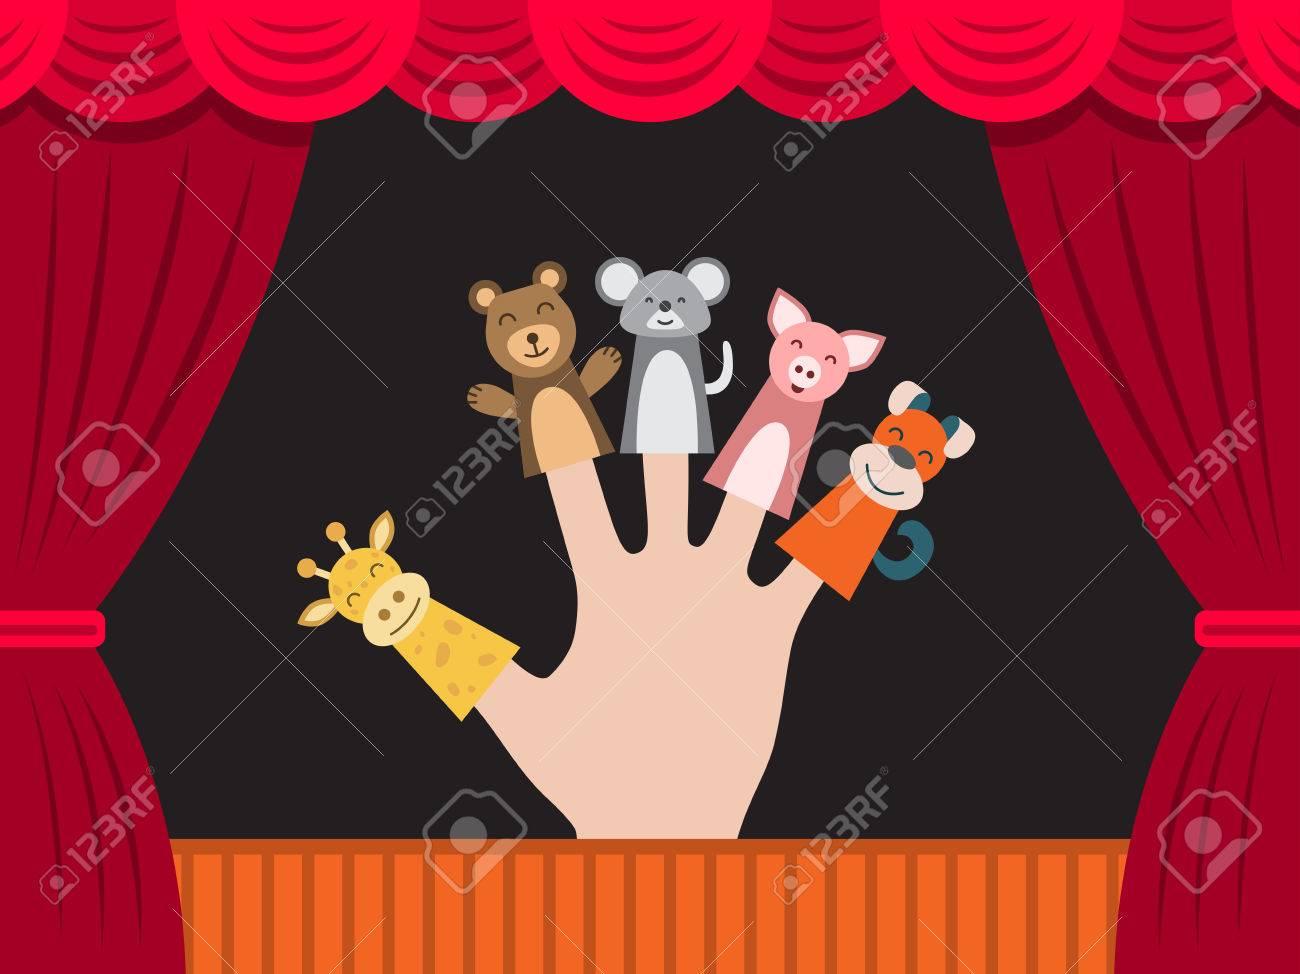 Todo Muñeca Está Llevando Mano Se El Teatro En Y Para AnimalesLa De Humana Dedos Títeres Los Representa Juguetes c5jq4RL3A